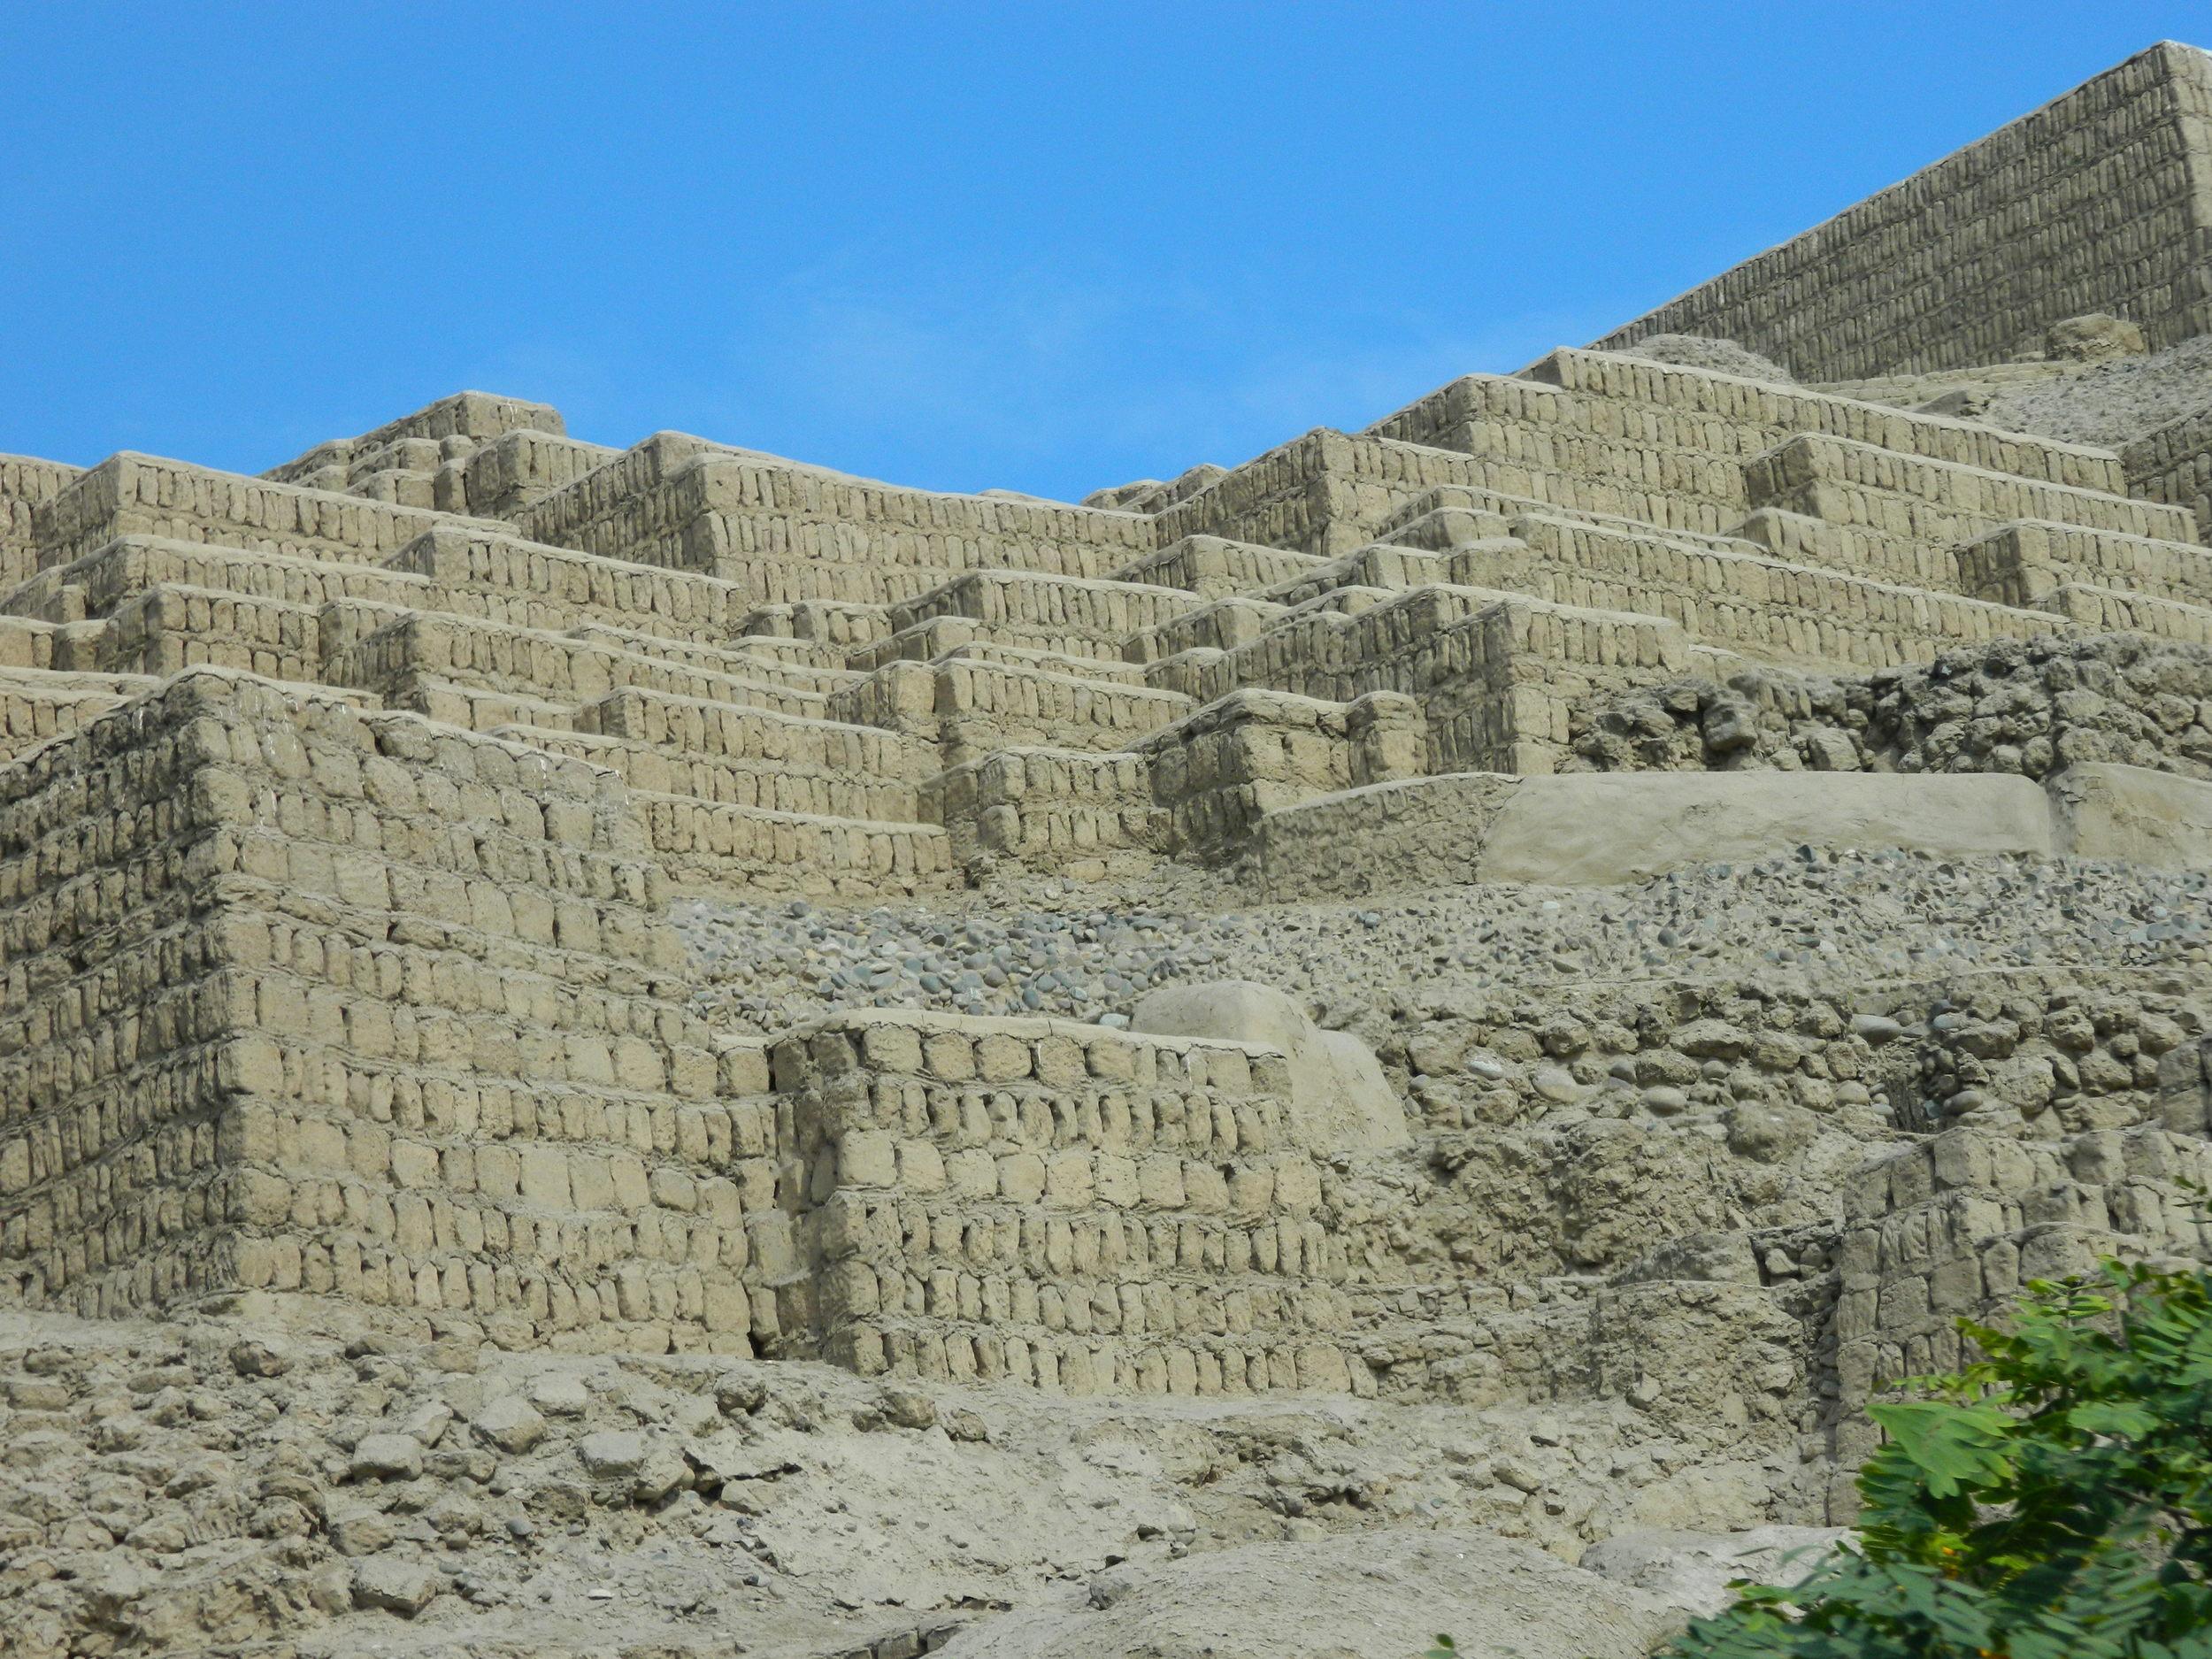 Las pirámides son sólidas, truncas y escalonadas. Foto: Javier Vélez